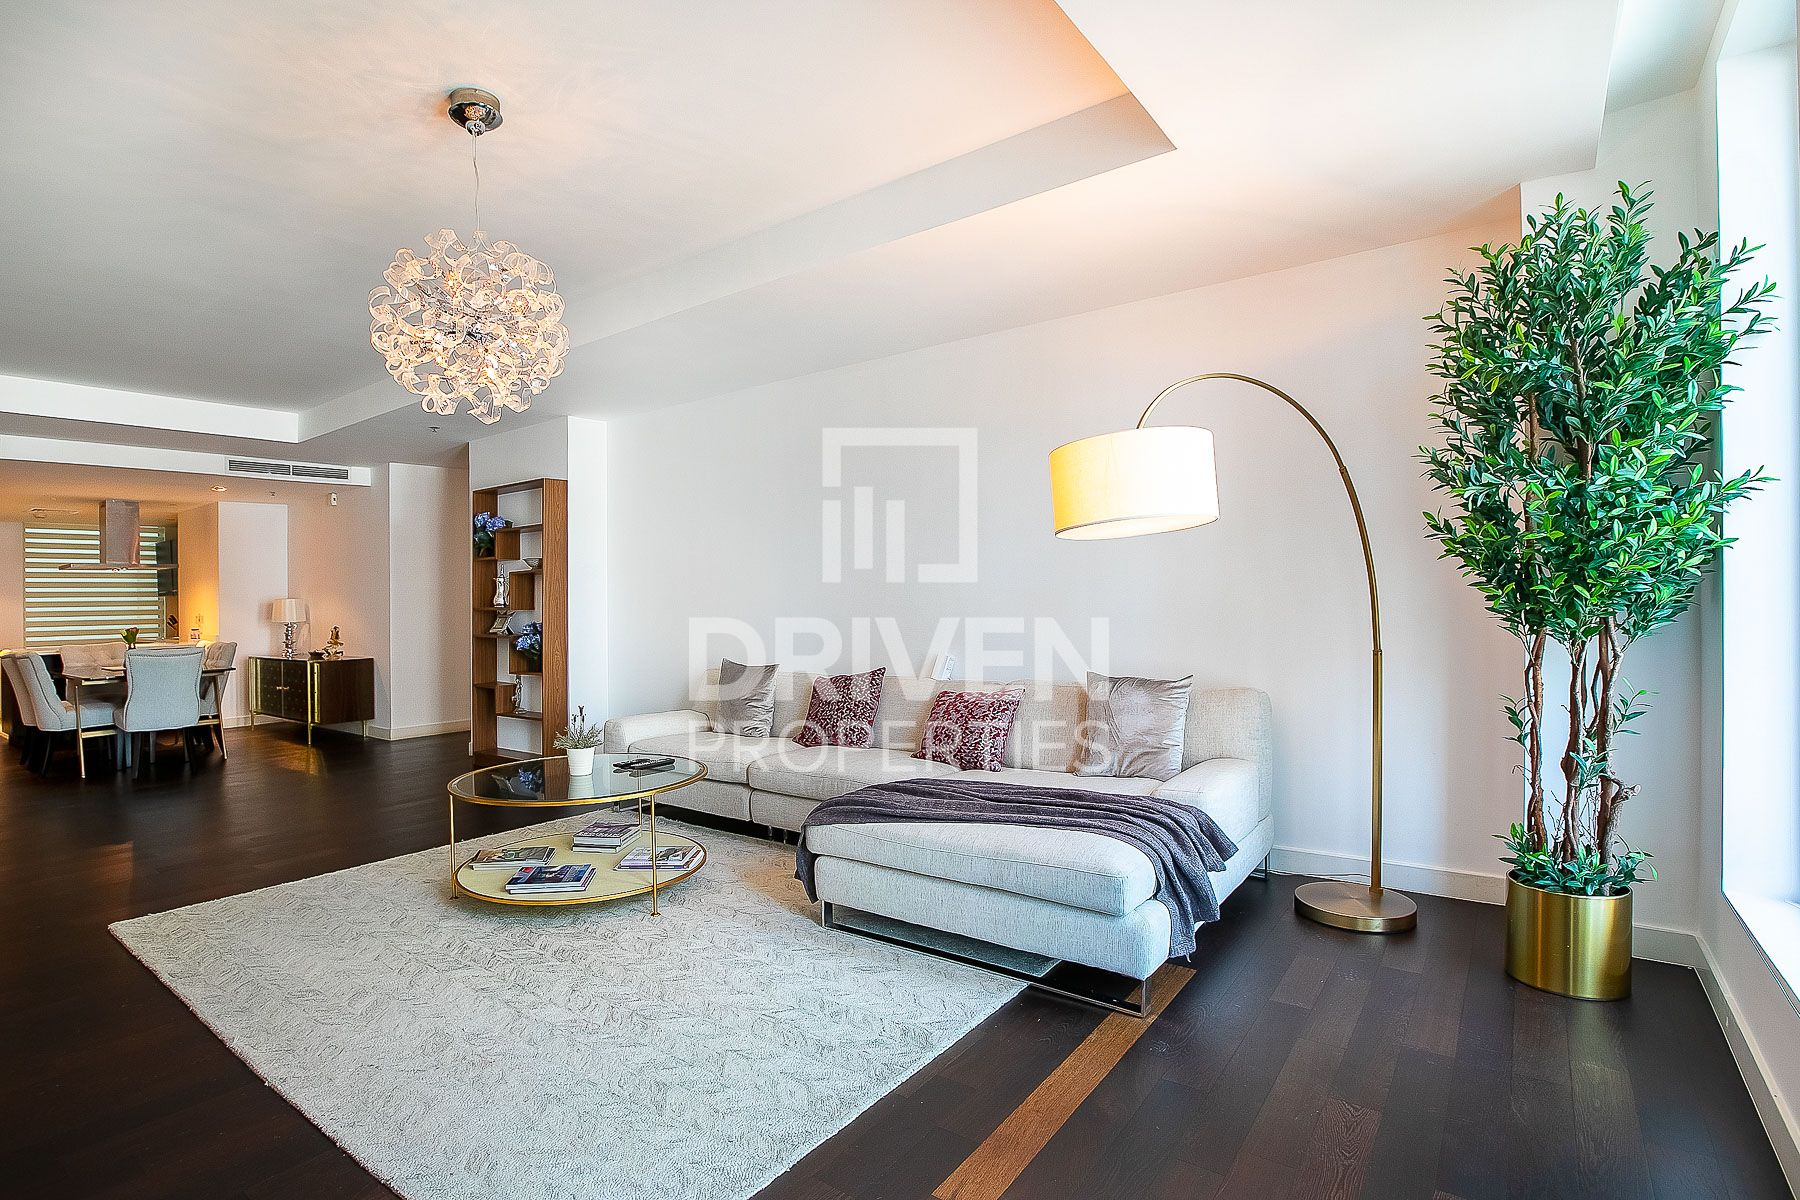 Vacant 2 Bedroom Apartment w/ Road Views